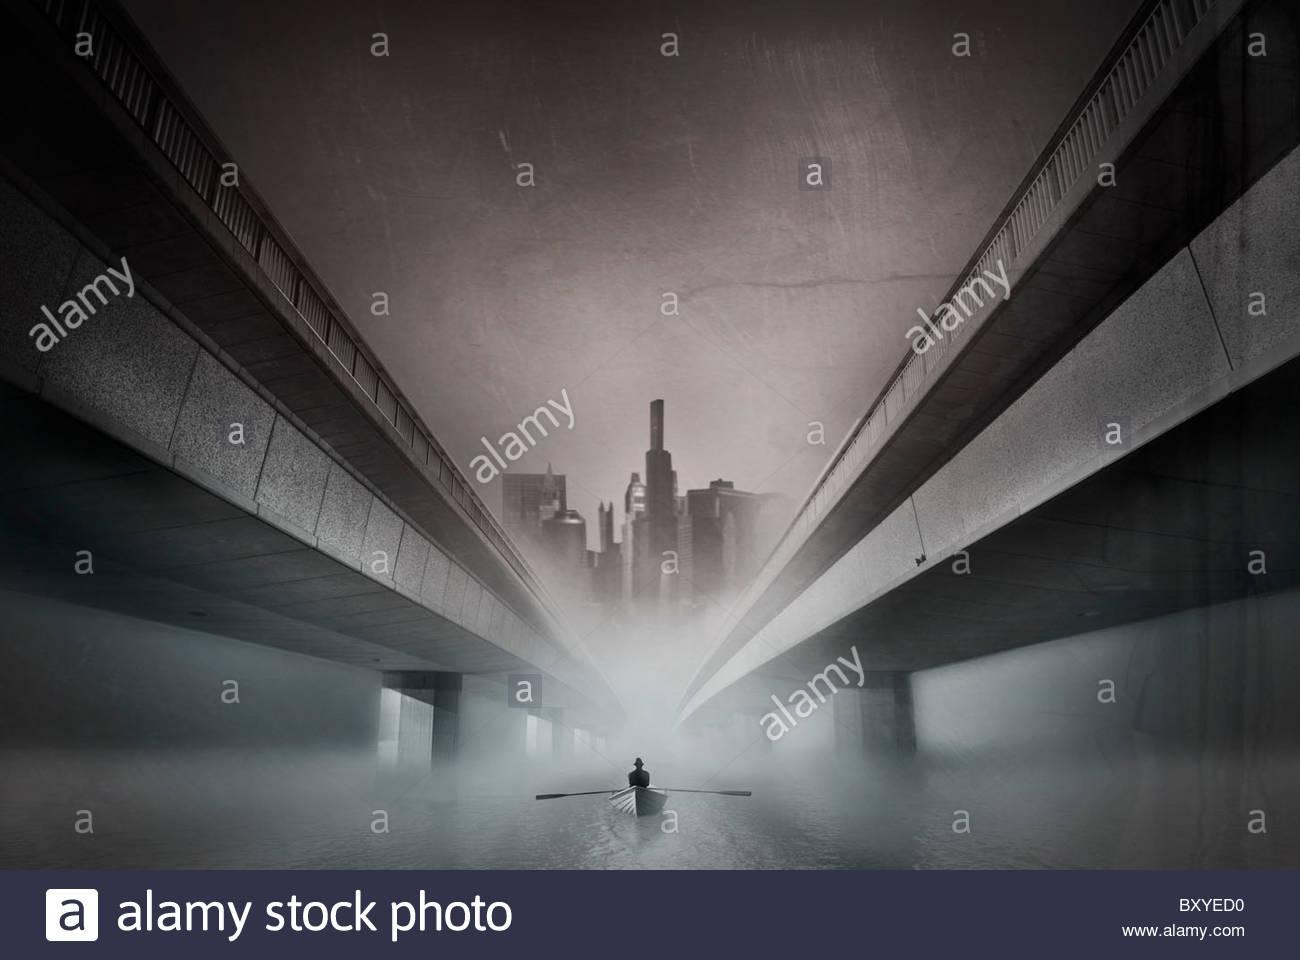 Konzeptbild männlichen Figur Rudern in einem städtischen Umfeld Stockbild